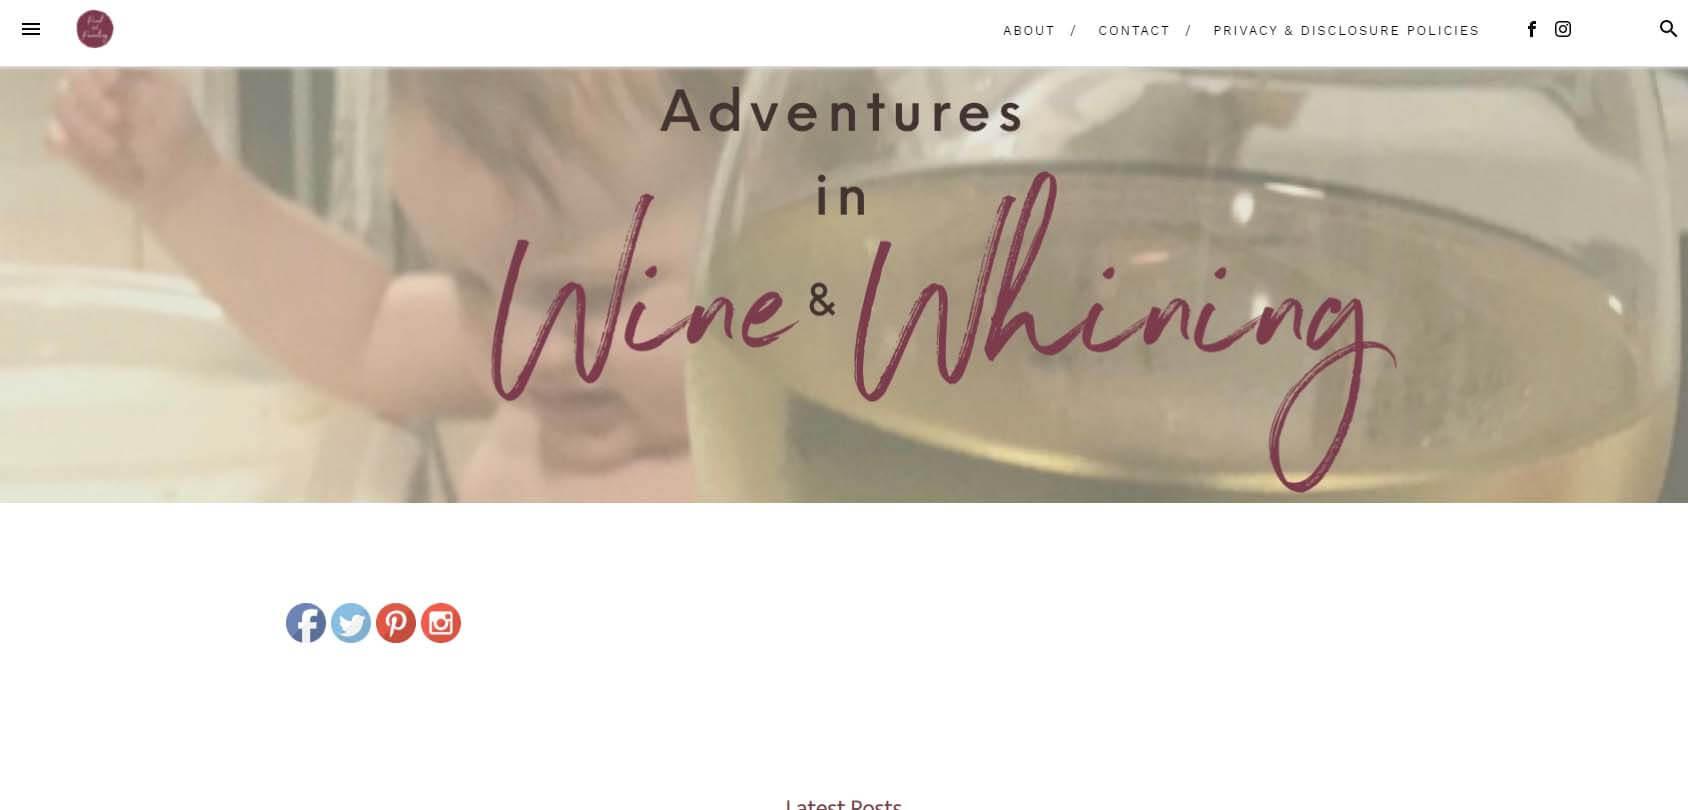 Pinot & Parenting Homepage